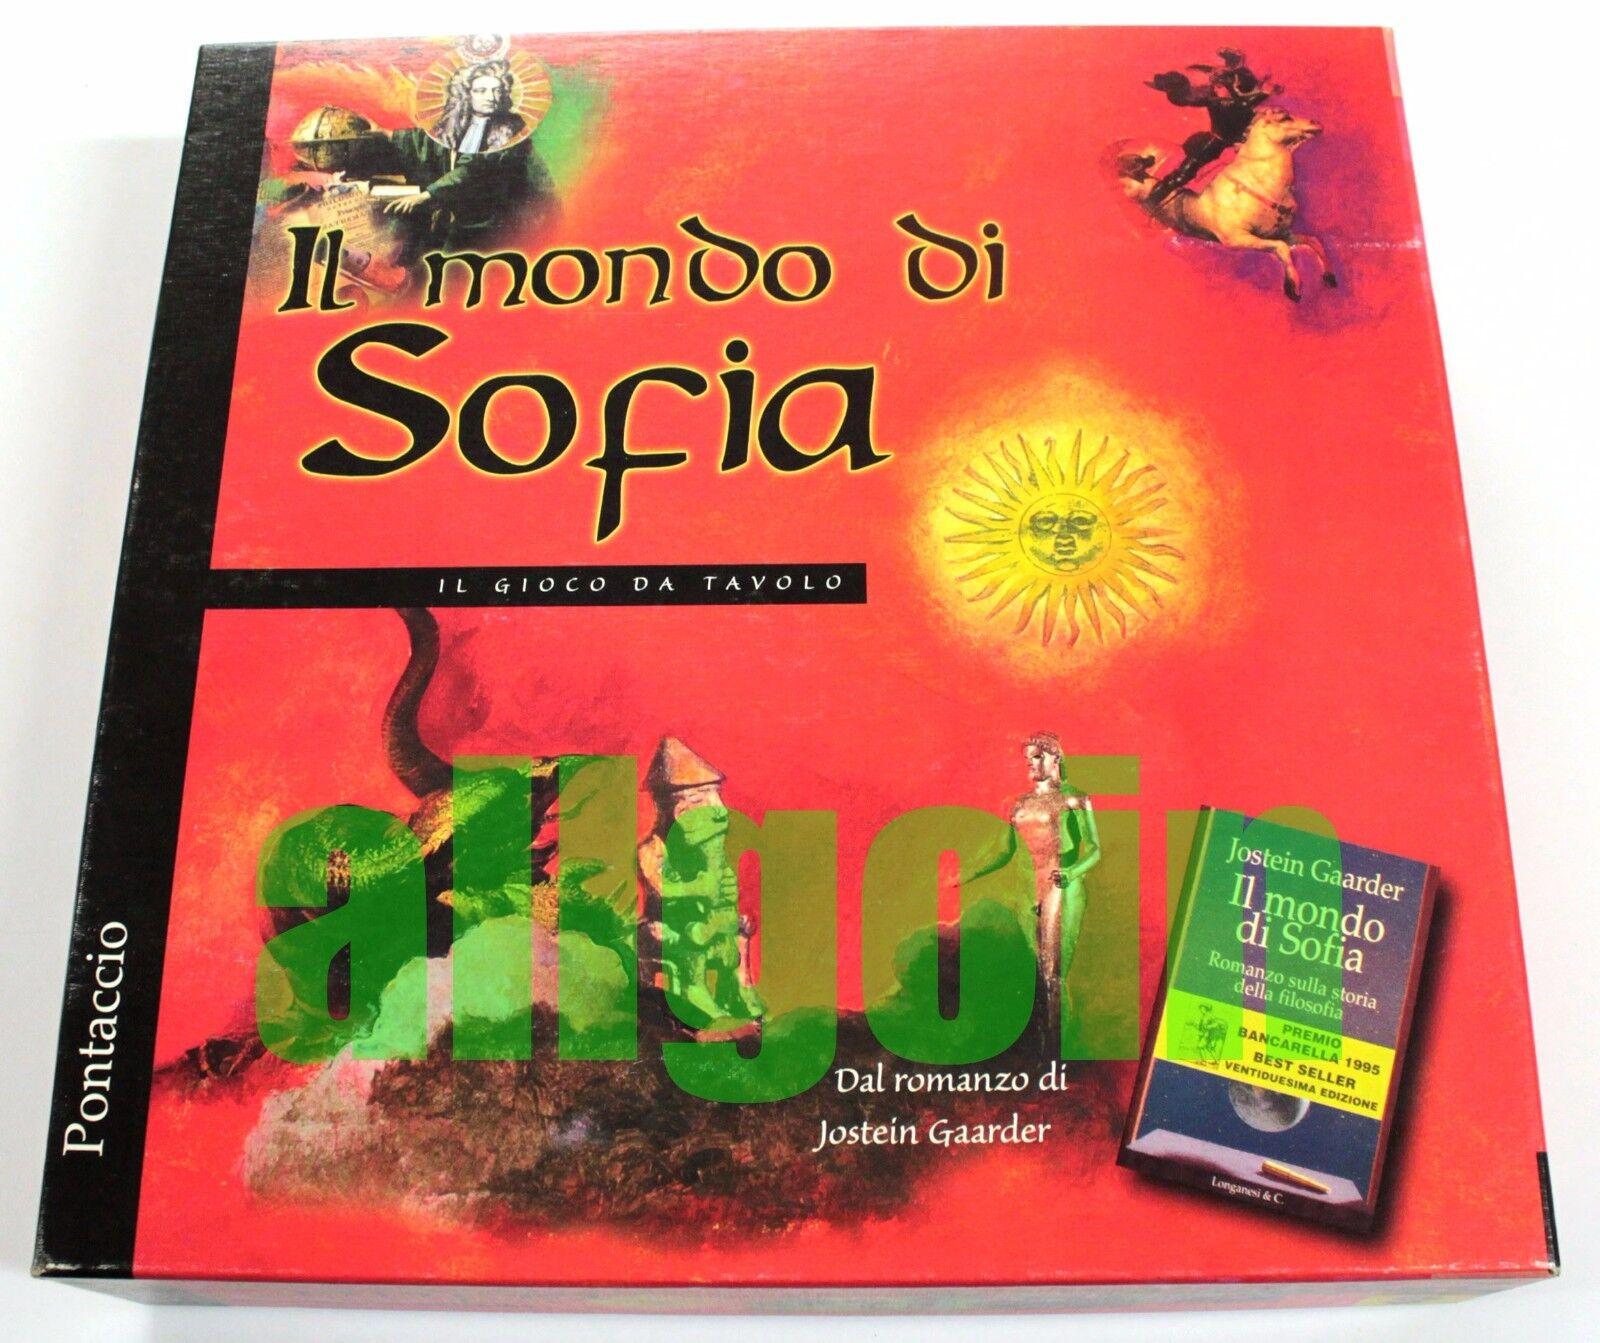 IL MONDO DI SOFIA Jostein Gaarder 1998 Gioco da Tavolo RARO FUORI CATALOGO